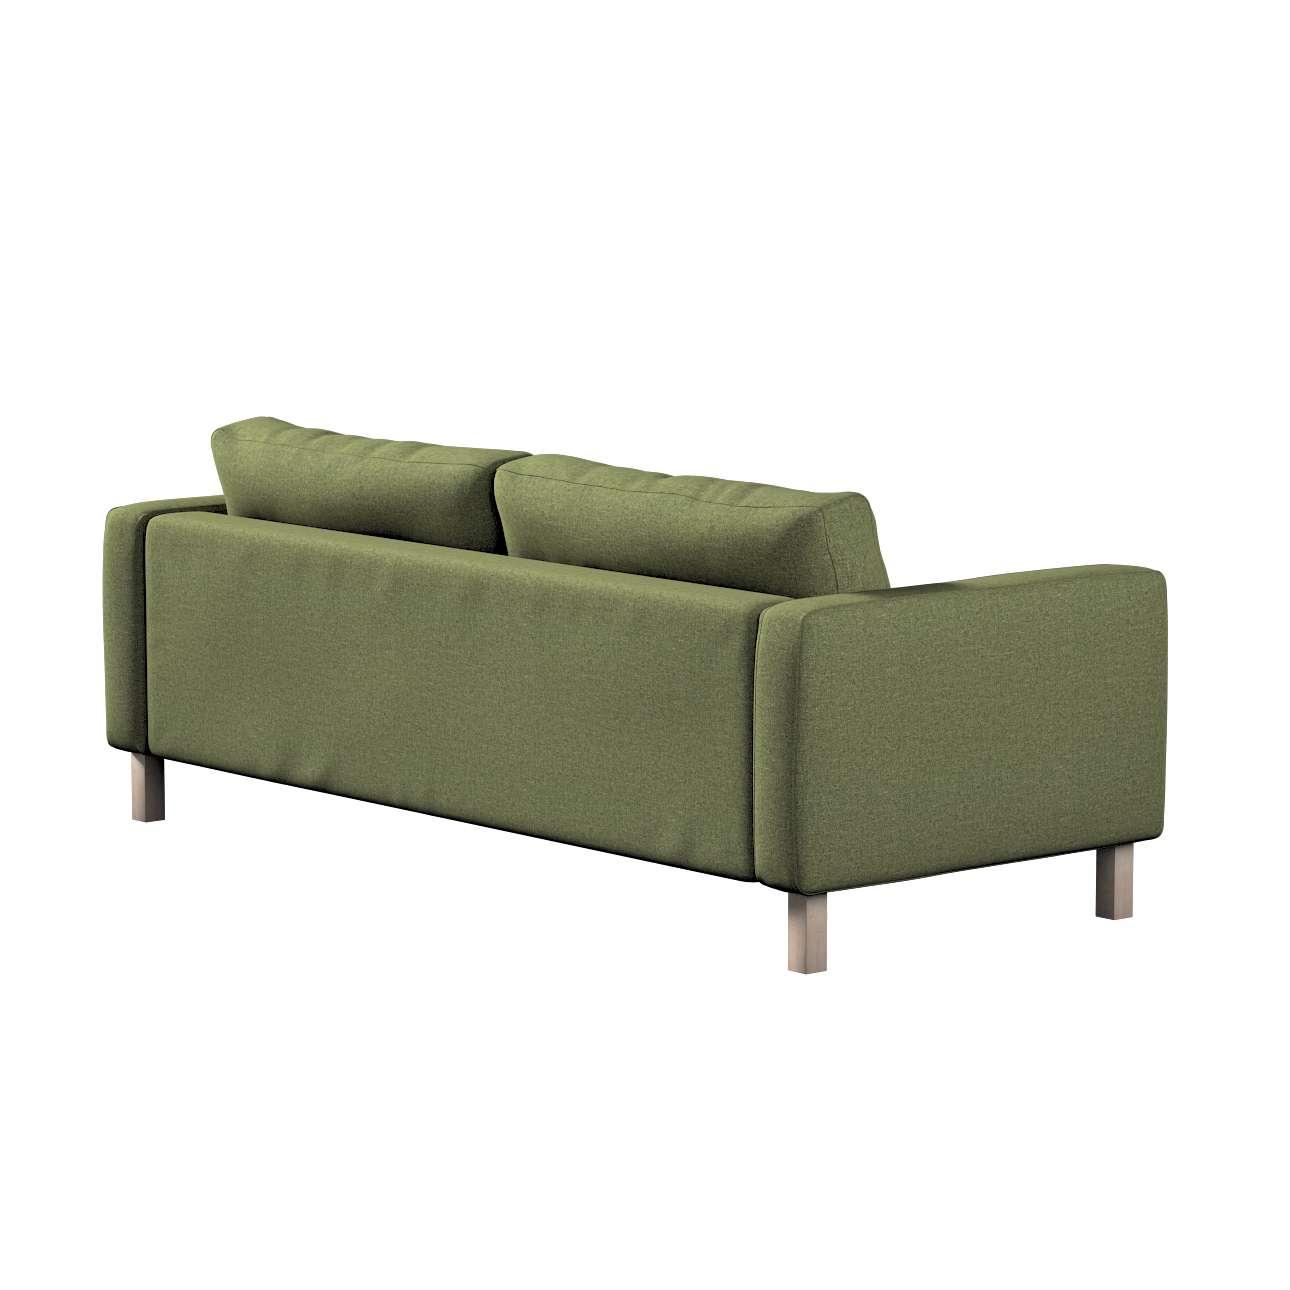 Potah na pohovku IKEA  Karlstad 3-místná, nerozkládací, krátký v kolekci Madrid, látka: 161-22